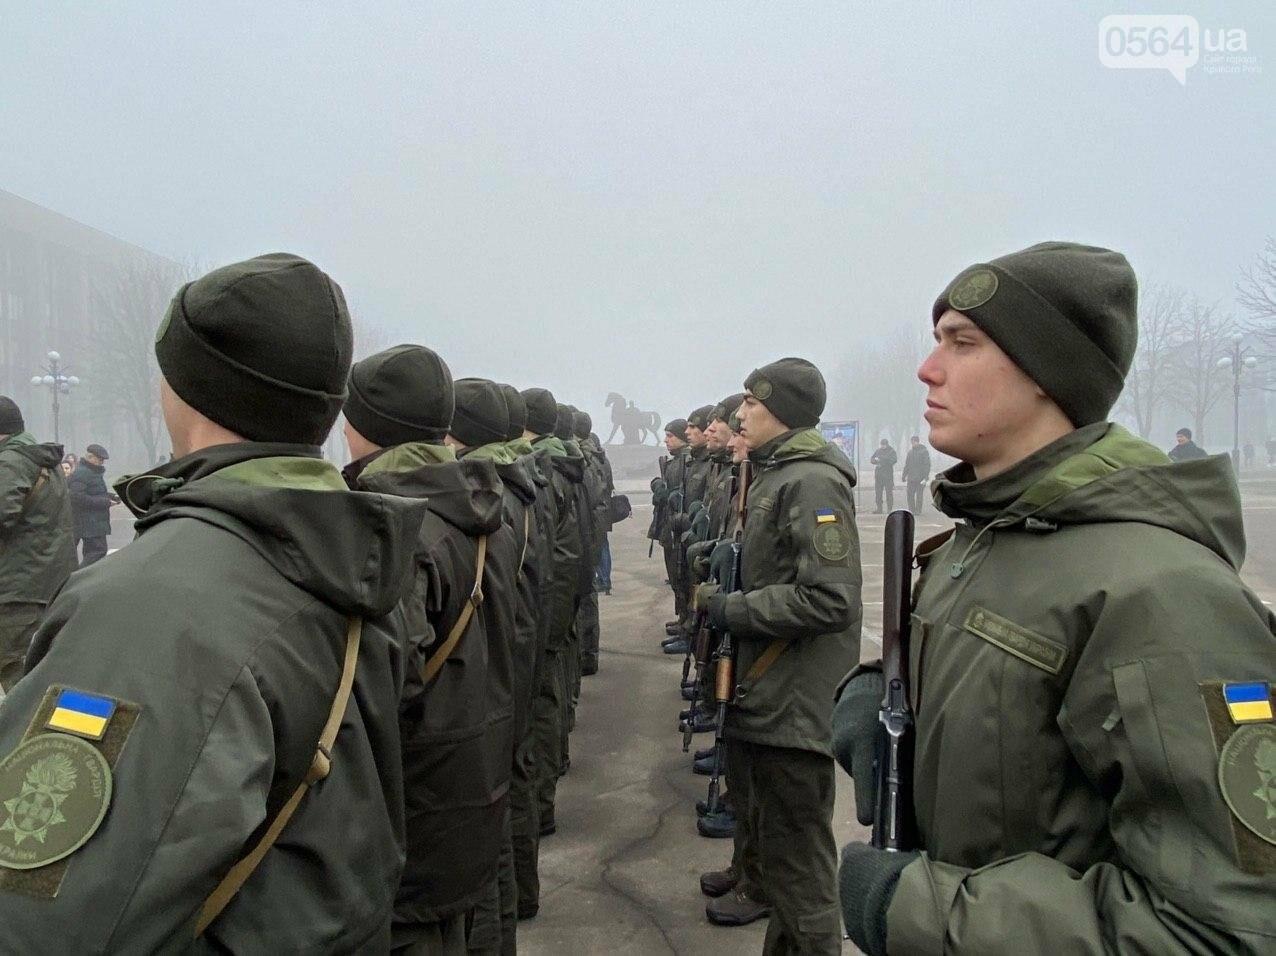 В Кривом Роге на верность украинскому народу присягнули 43 нацгвардейца, - ФОТО, ВИДЕО , фото-28